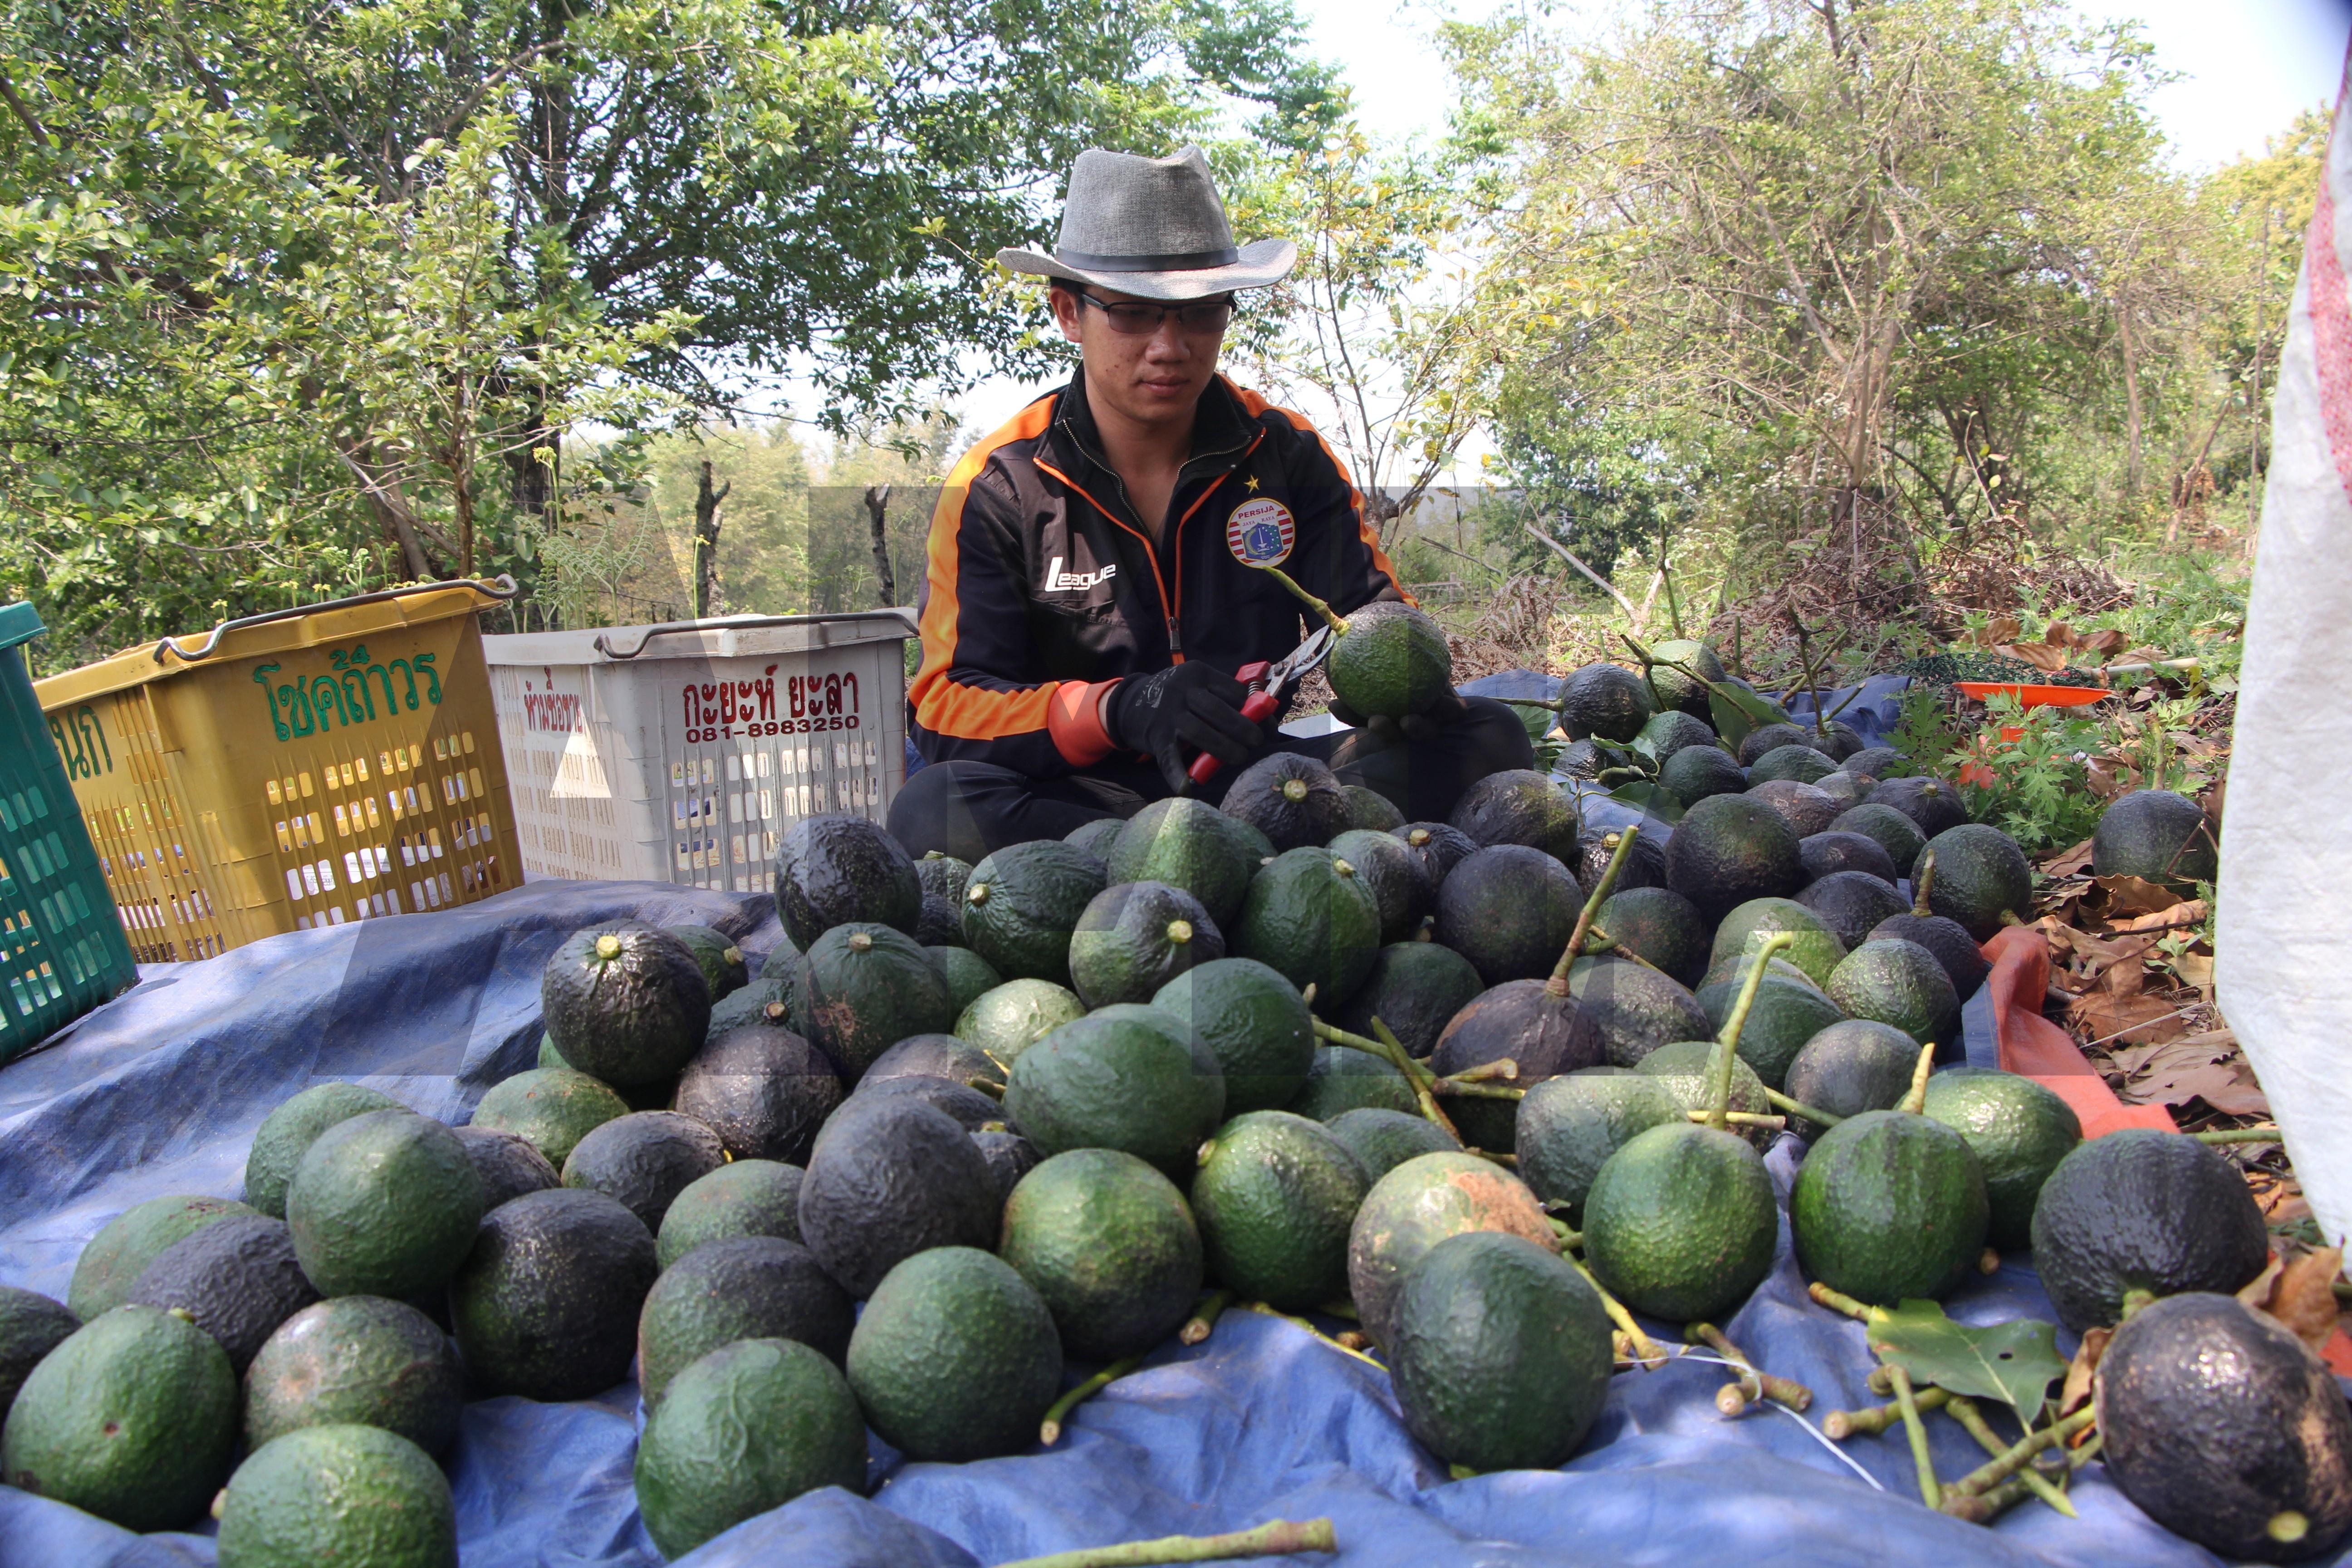 မြန်မာ့ ထောပတ်သီးကို နိုင်ငံပေါင်း လေးခုသို့ နှစ်စဉ် တင်ပို့နေ